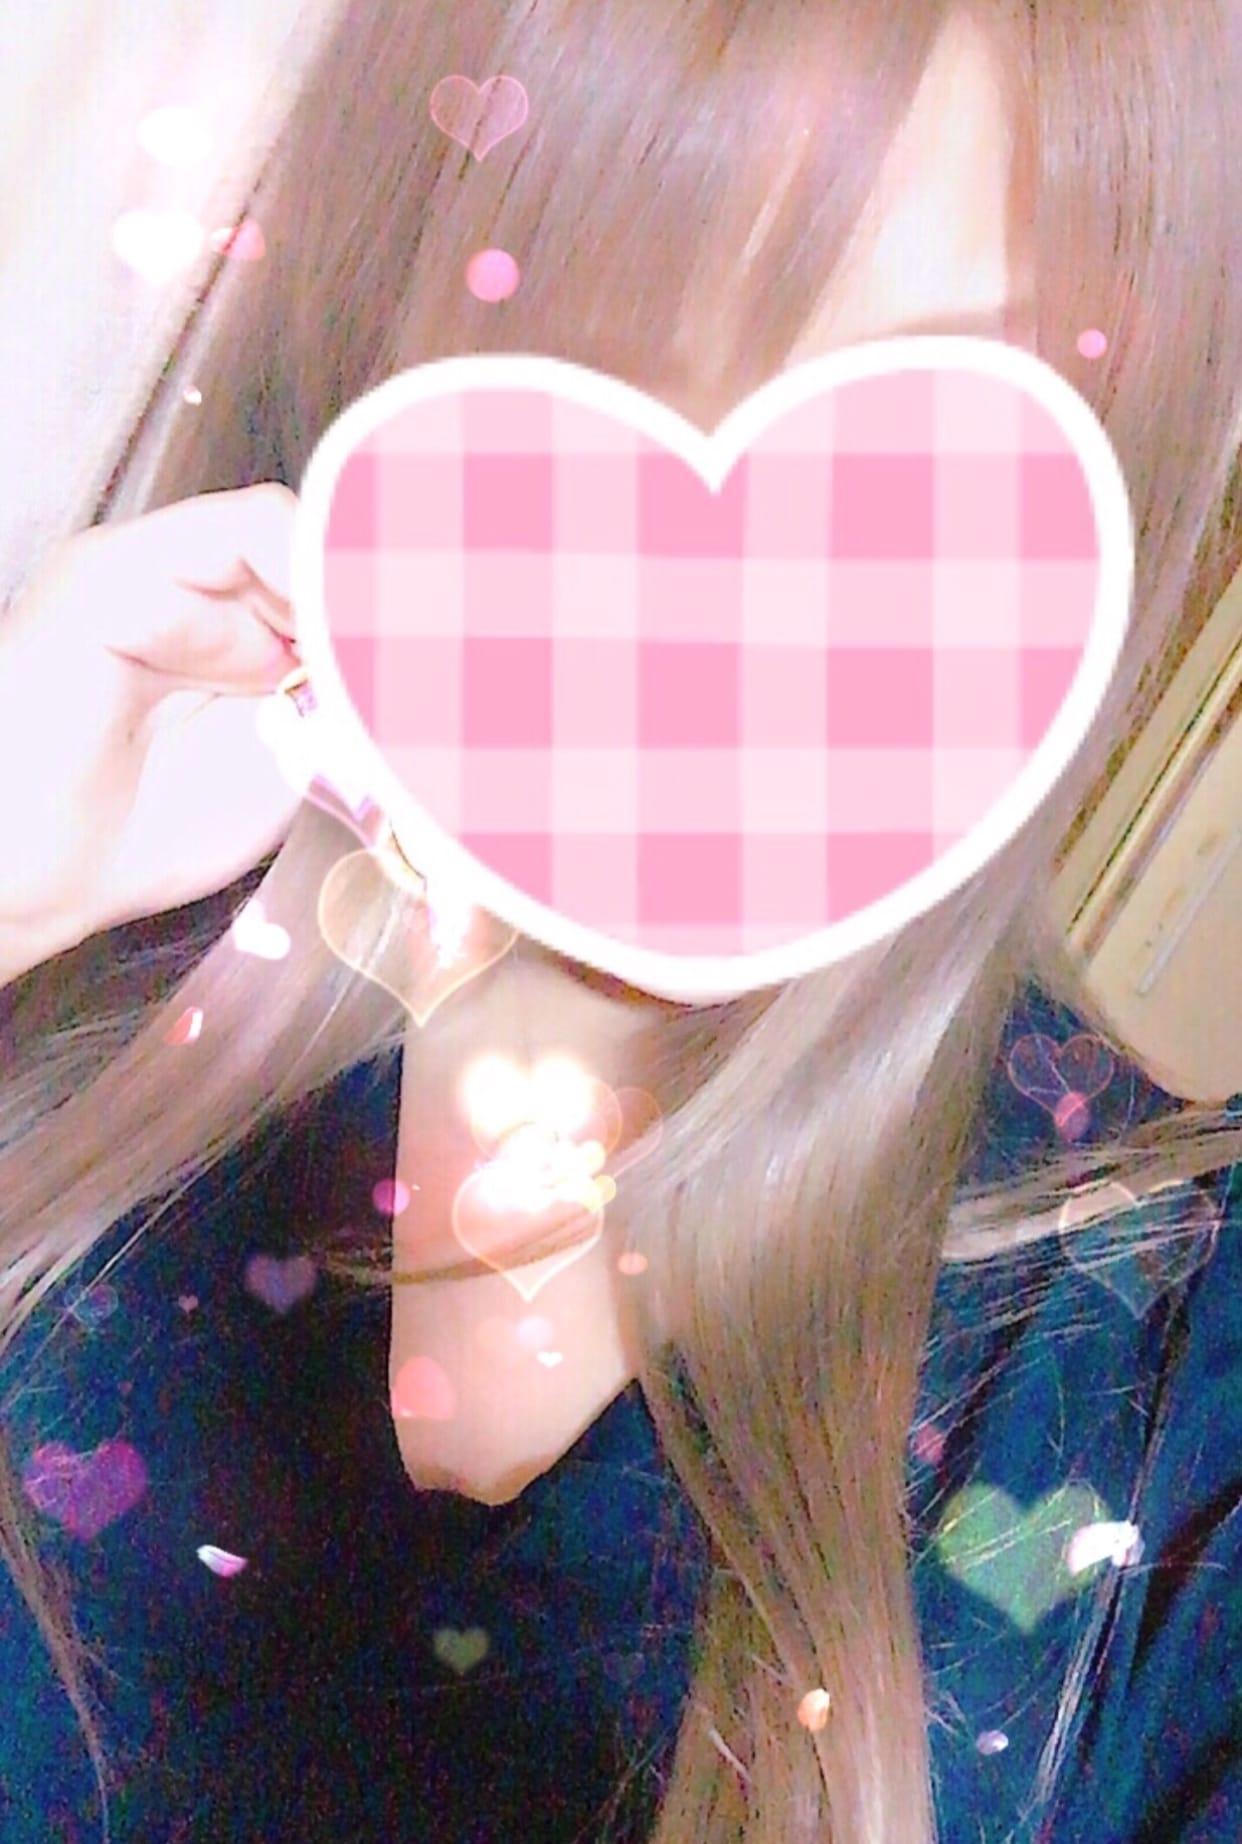 あいな☆シャイなEカップ巨乳美女☆「退勤しました」11/23(木) 03:18 | あいな☆シャイなEカップ巨乳美女☆の写メ・風俗動画